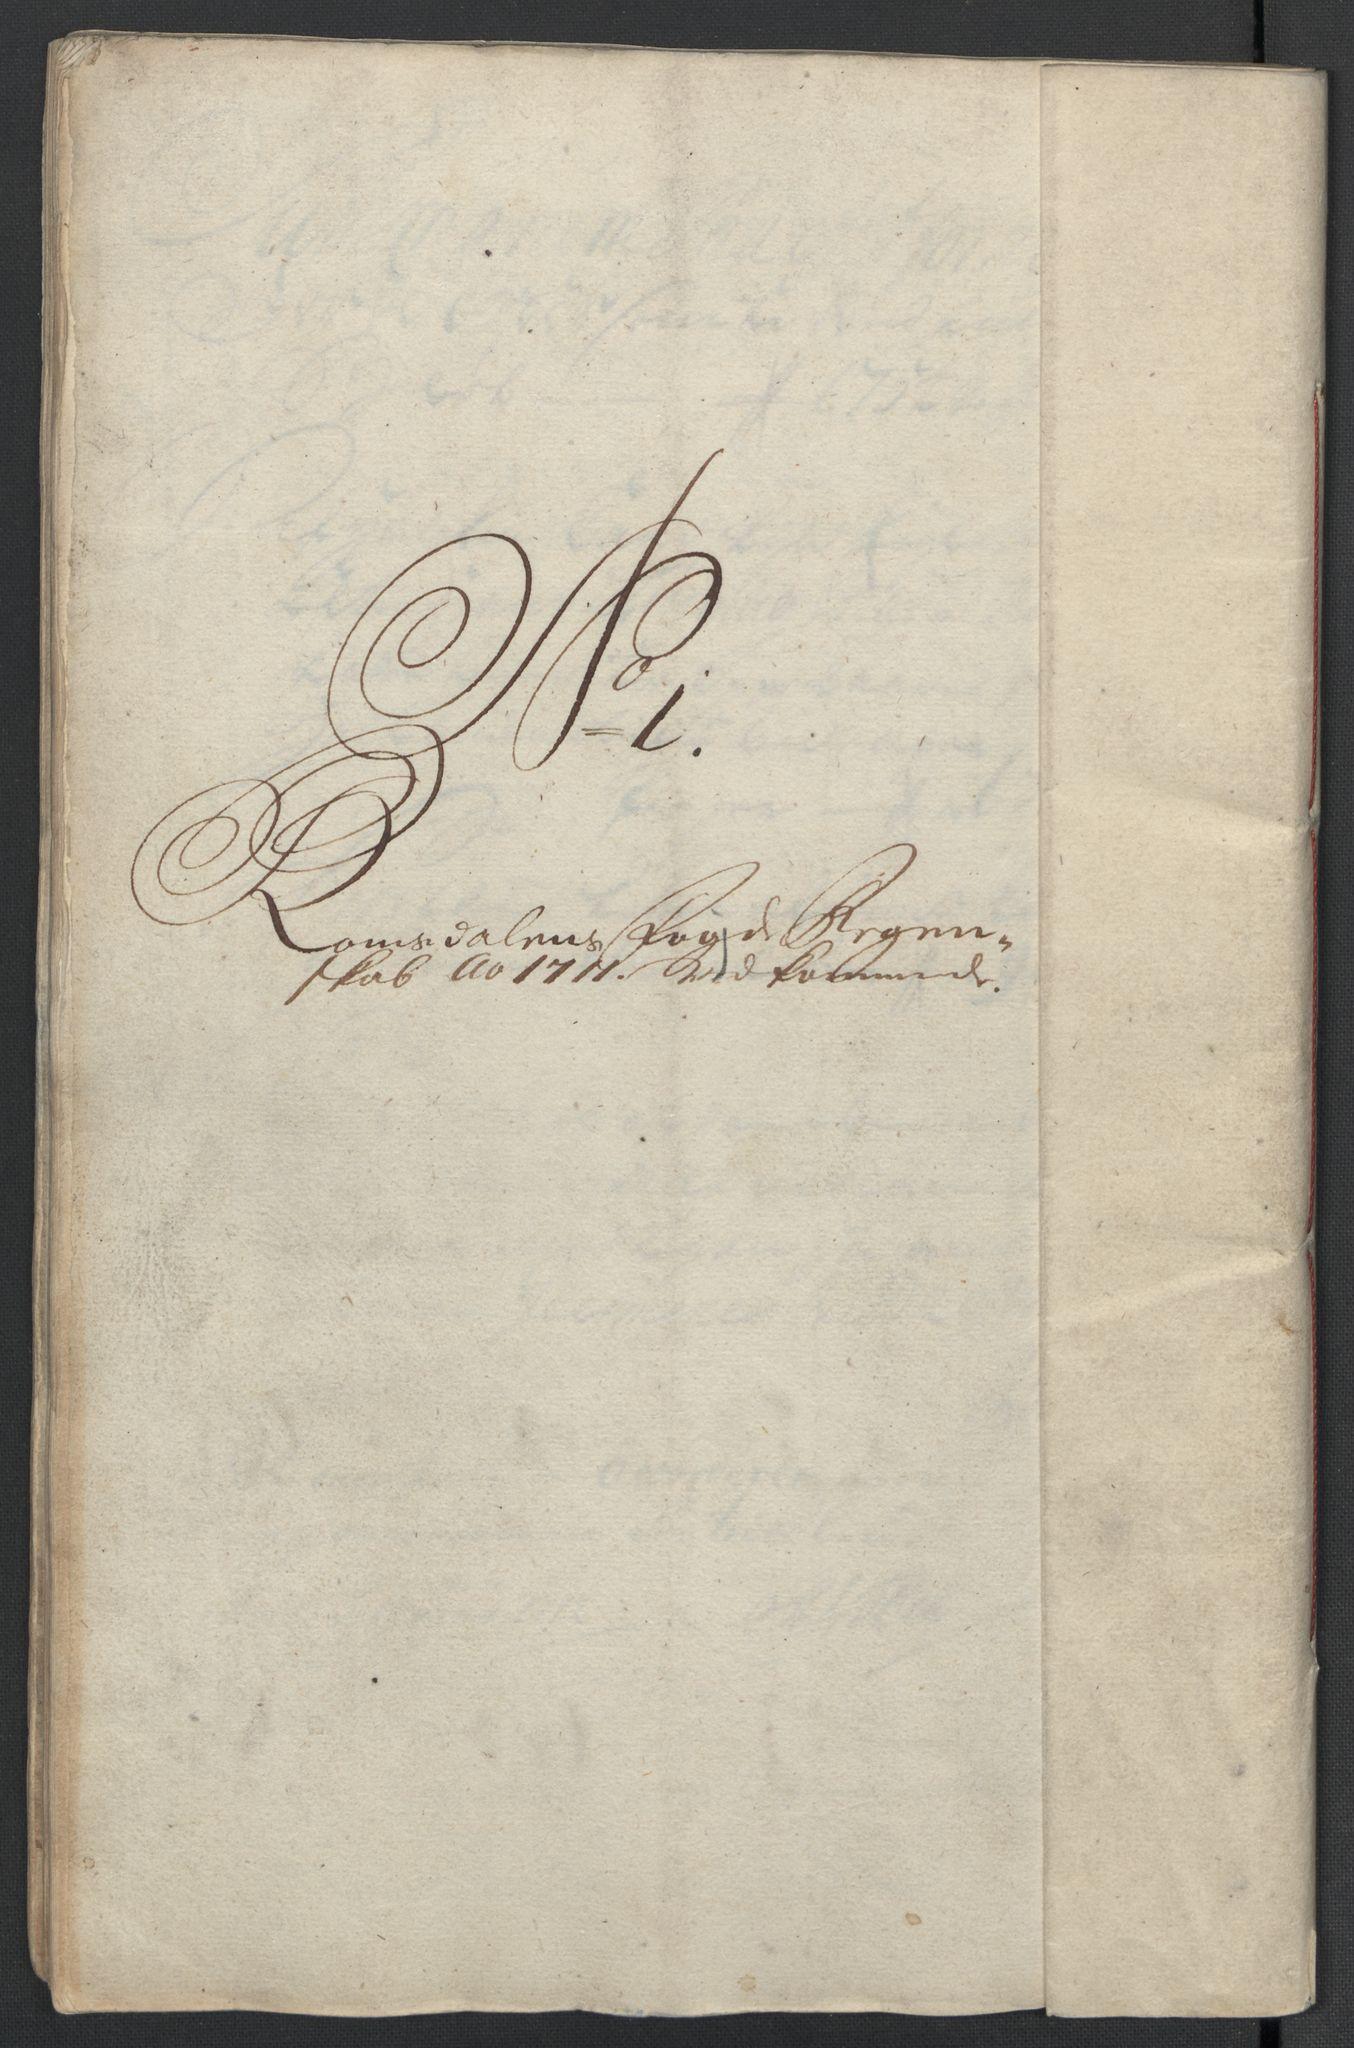 RA, Rentekammeret inntil 1814, Reviderte regnskaper, Fogderegnskap, R55/L3660: Fogderegnskap Romsdal, 1711, s. 81